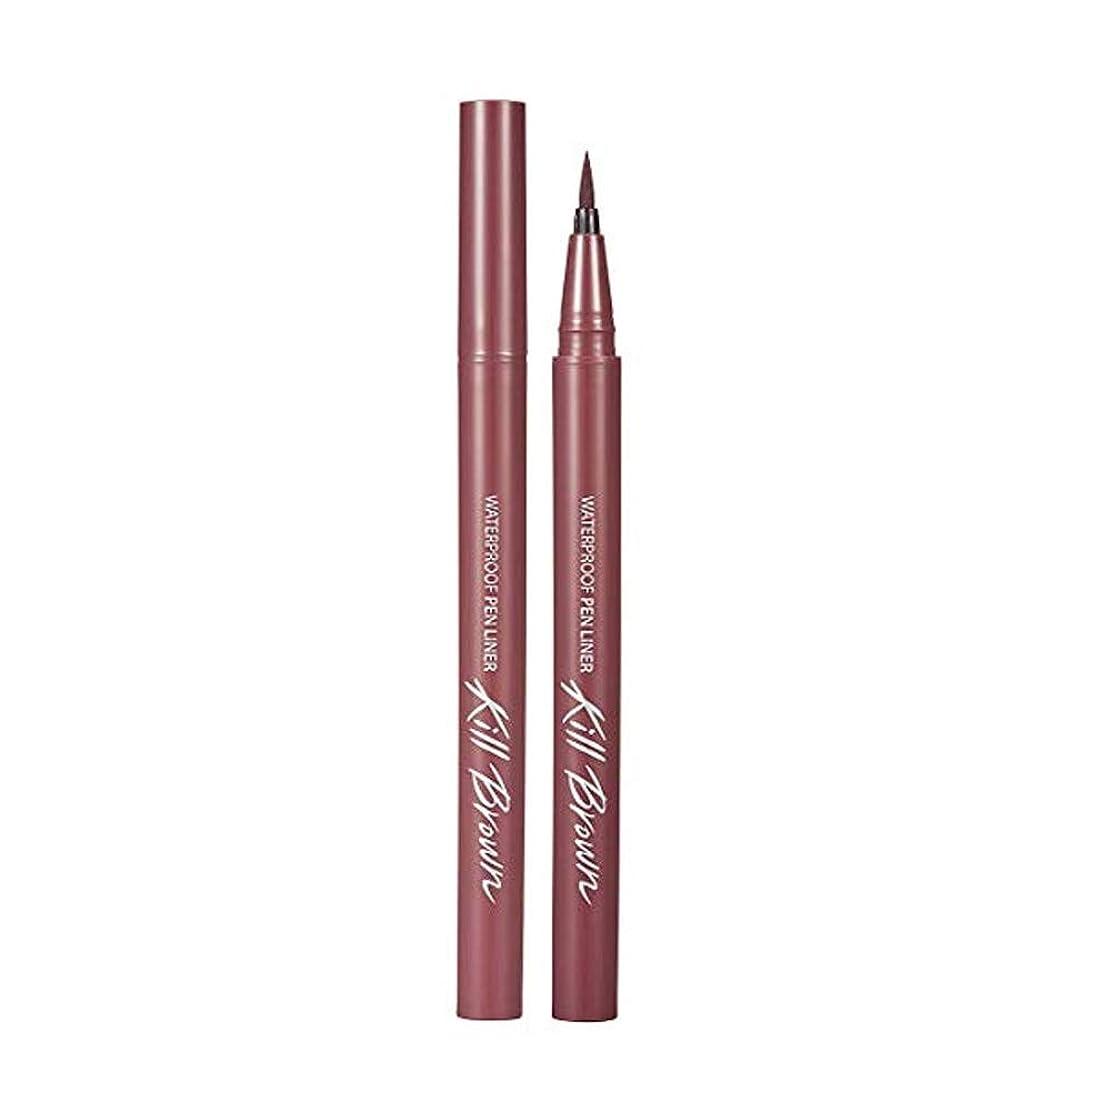 持参カレンダー評決クリオ ウォータープルーフペンライナーオリジナル Clio Waterproof Pen Liner Original (#05 ピンクブラウン) [並行輸入品]